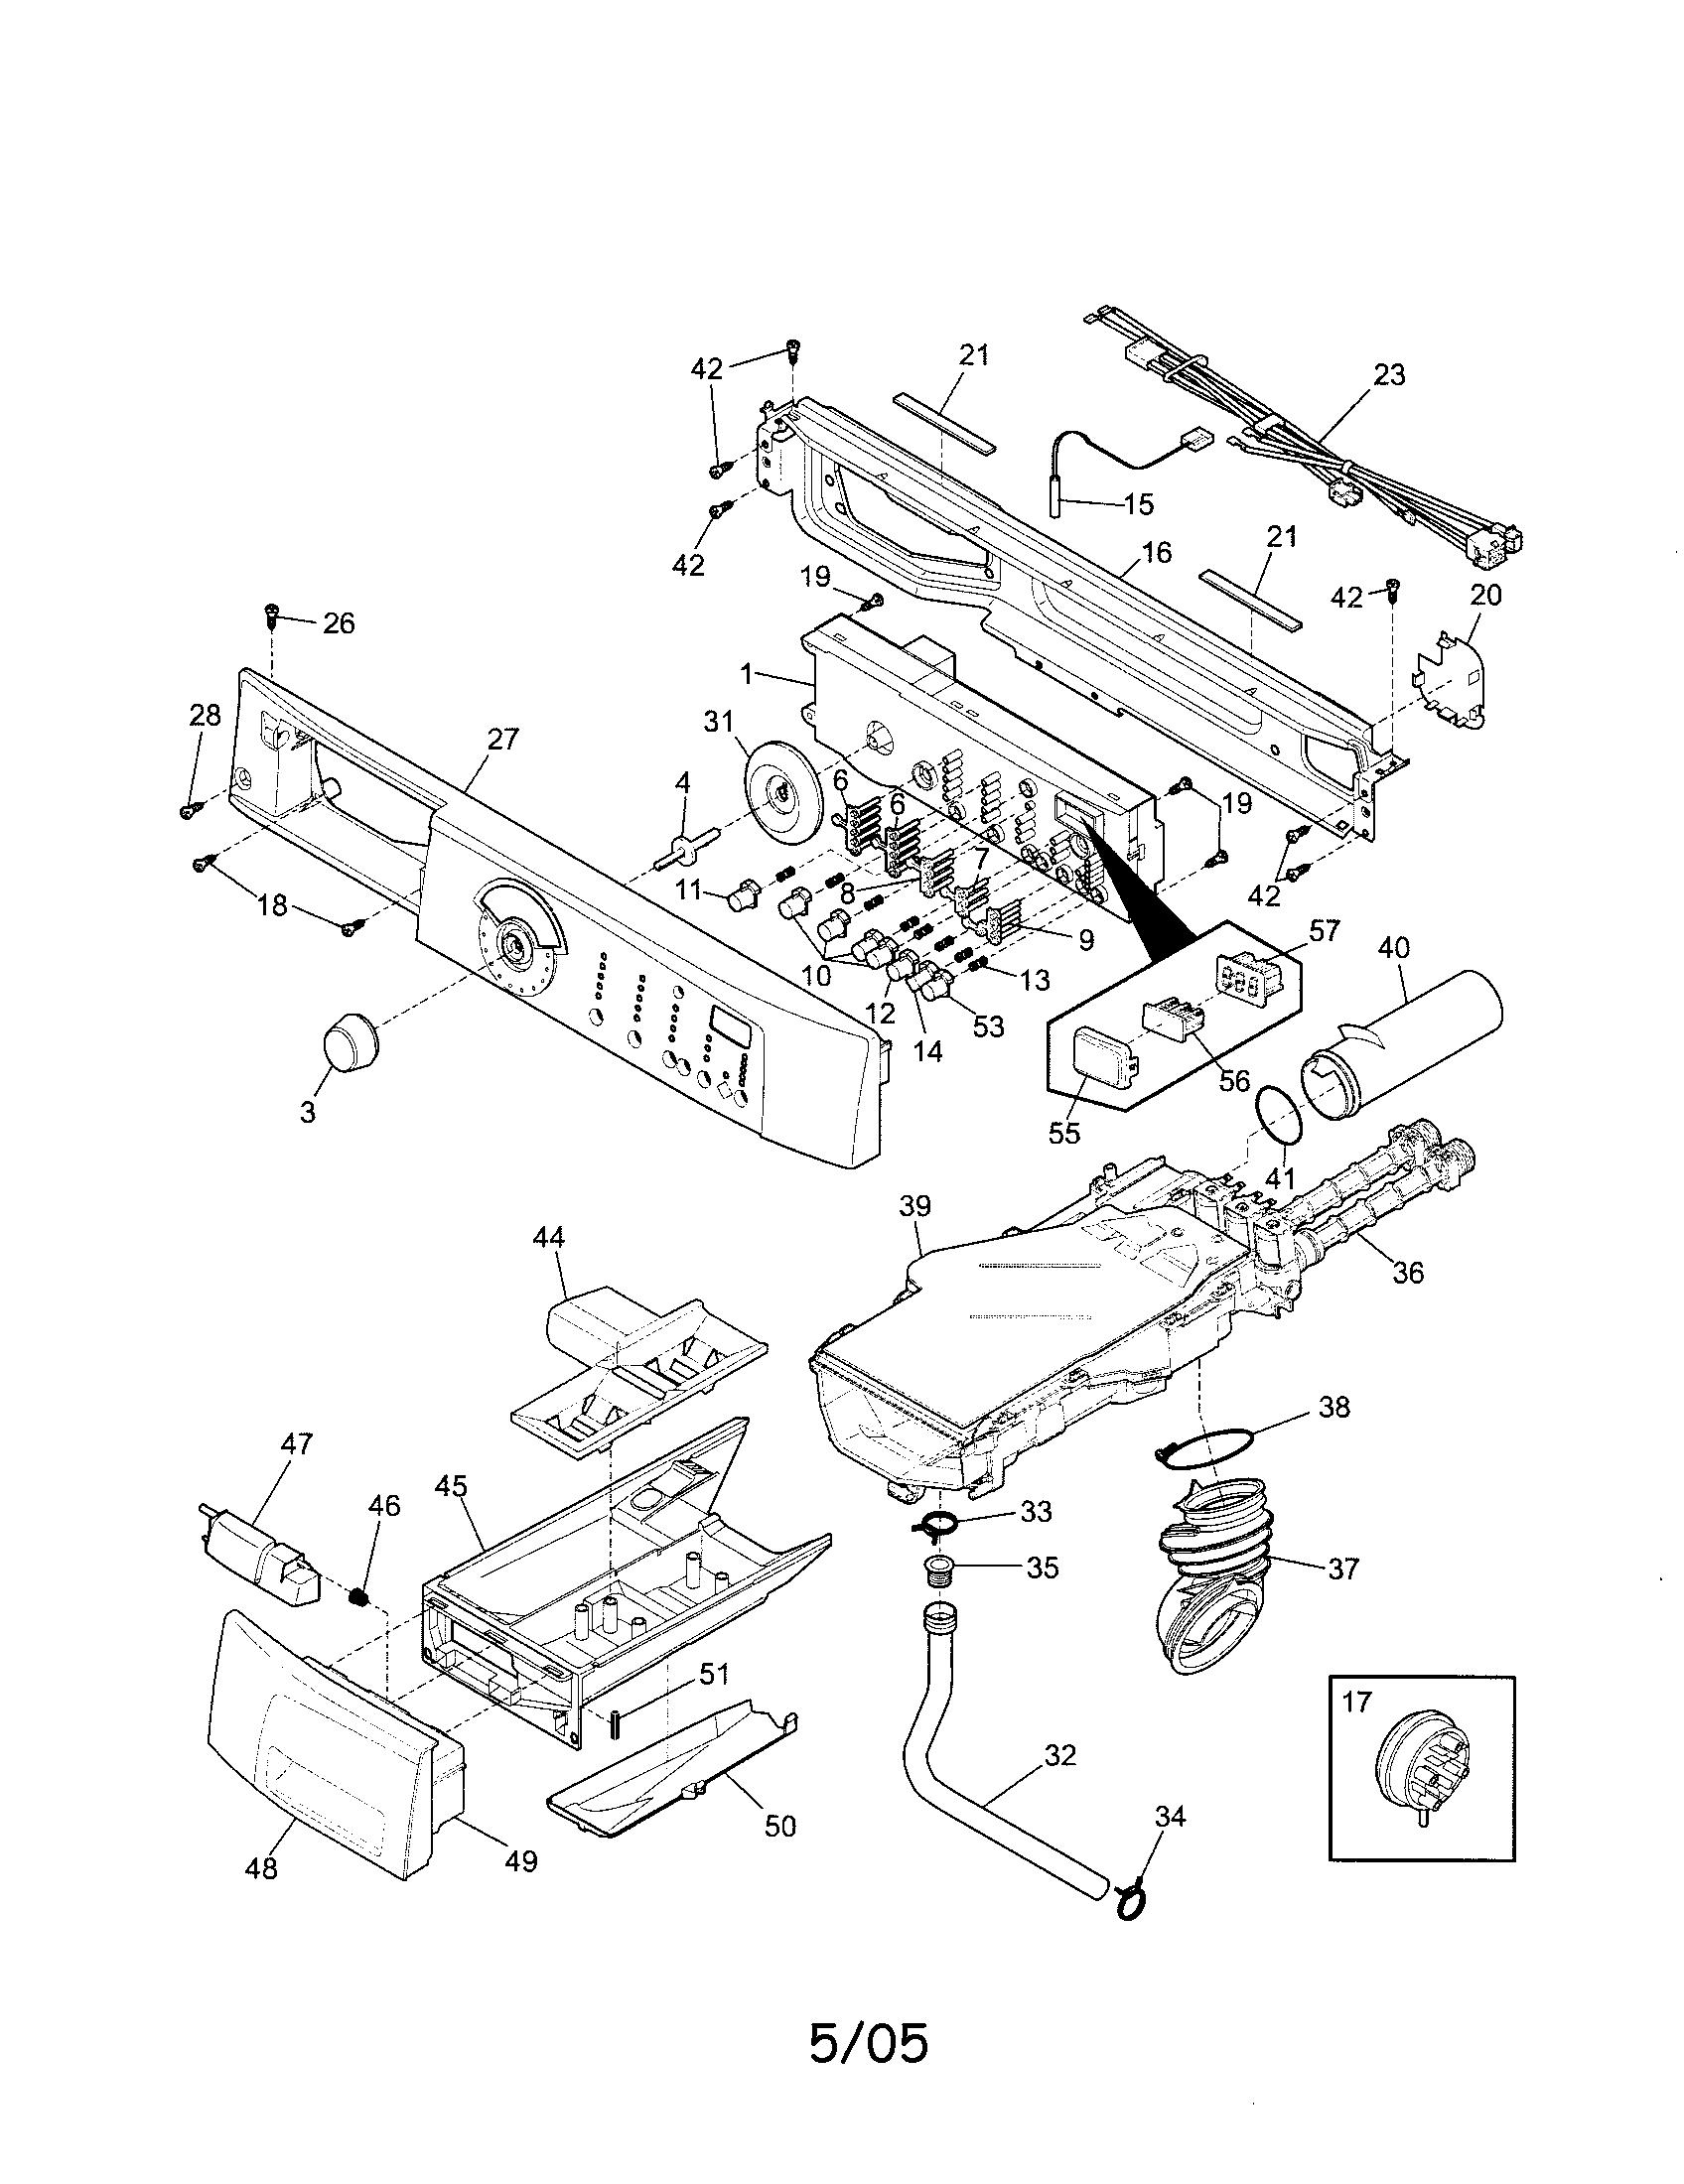 sears model 110 parts diagram rj45 module wiring kenmore washing machine get free